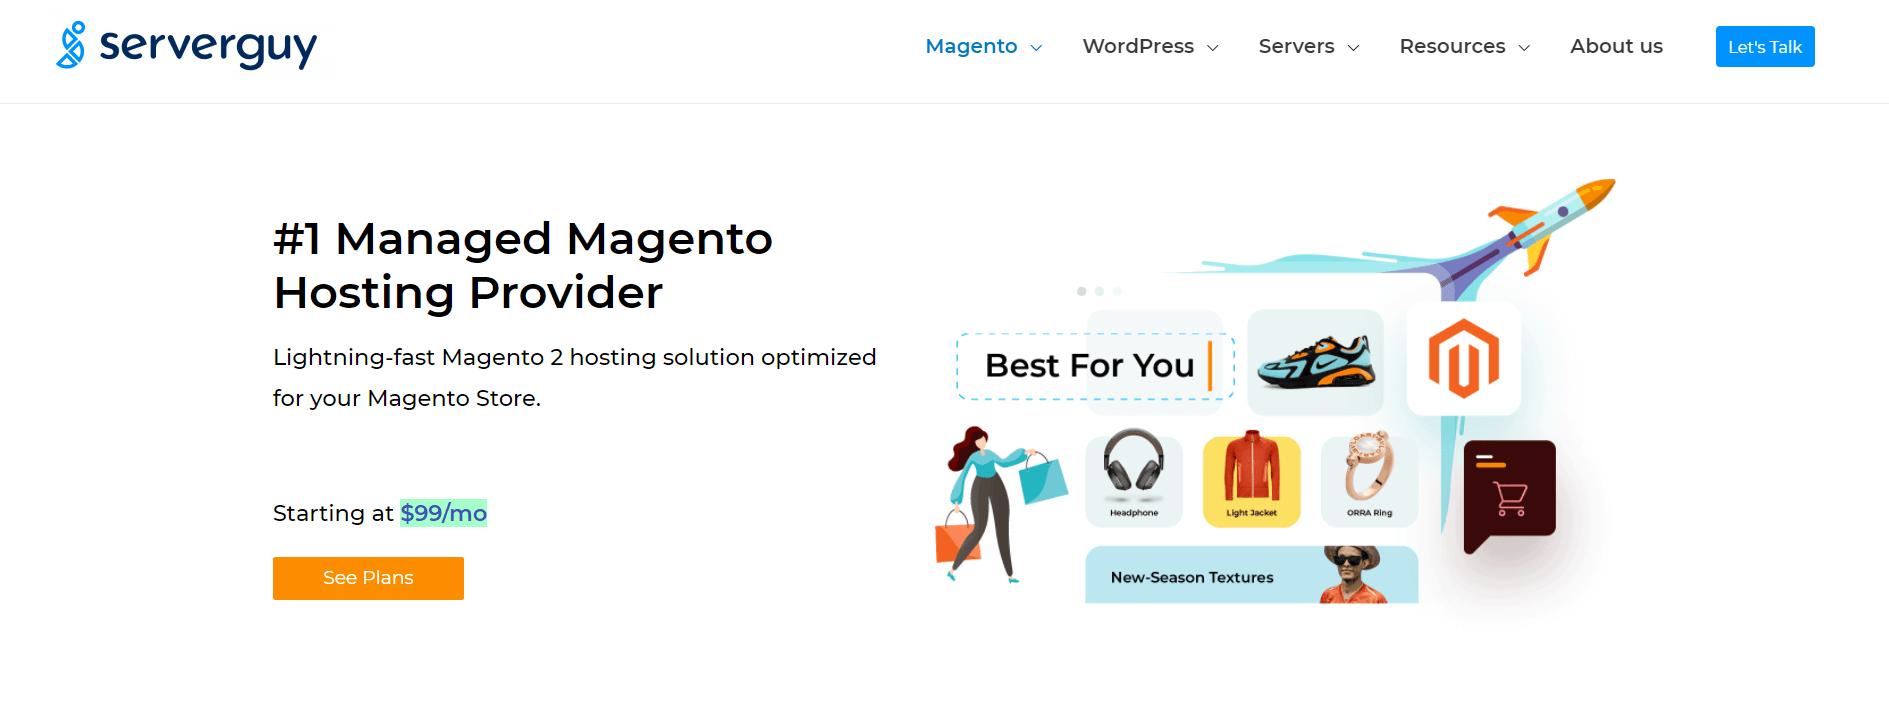 Serverguy Magento Hosting Banner Image